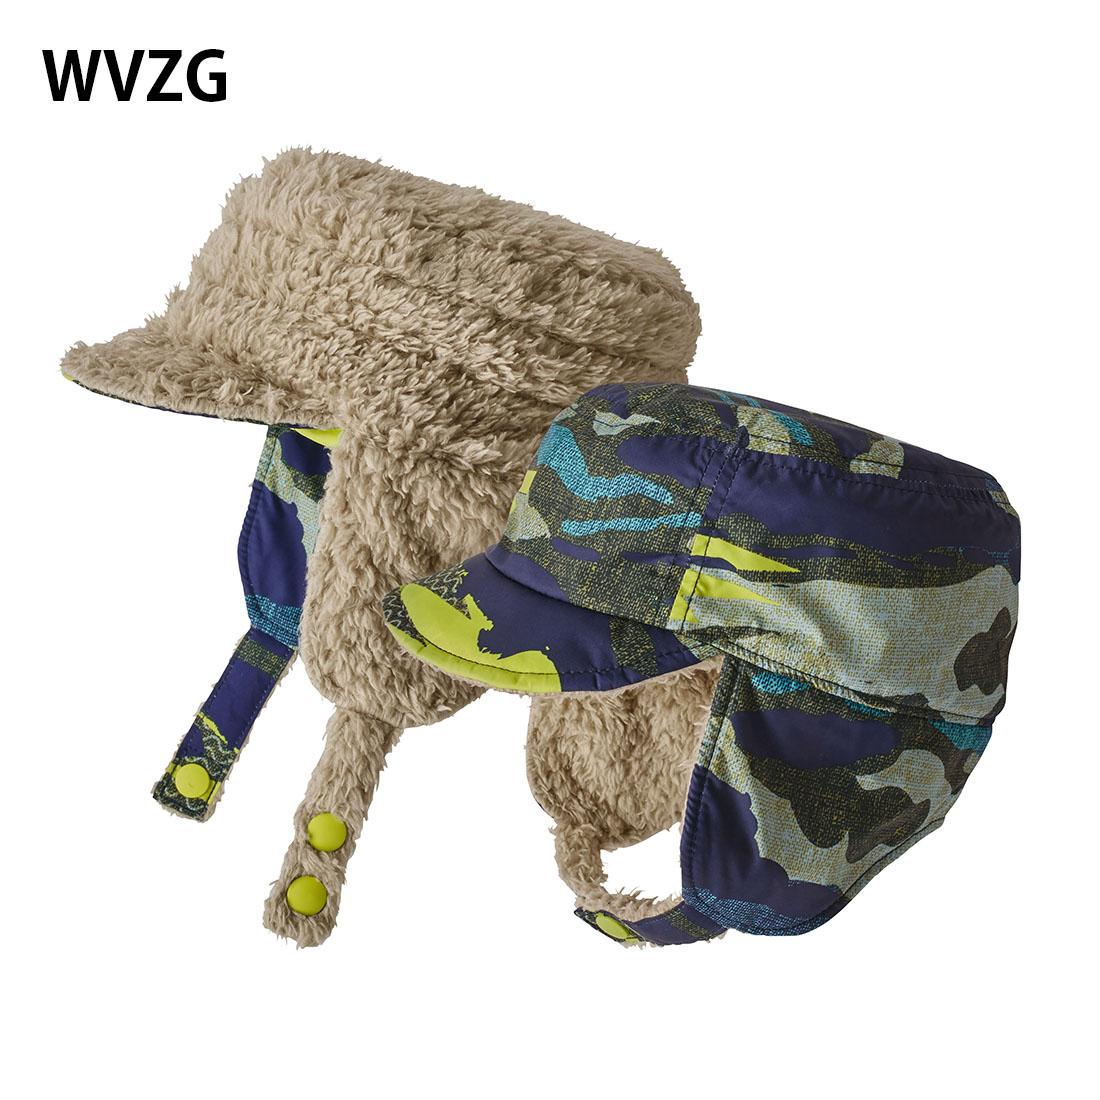 パタゴニア patagonia ベビー Baby Reversible Shell Hat(1歳-2歳)ベビー・リバーシブル・シェル・ハット メール便可 60577